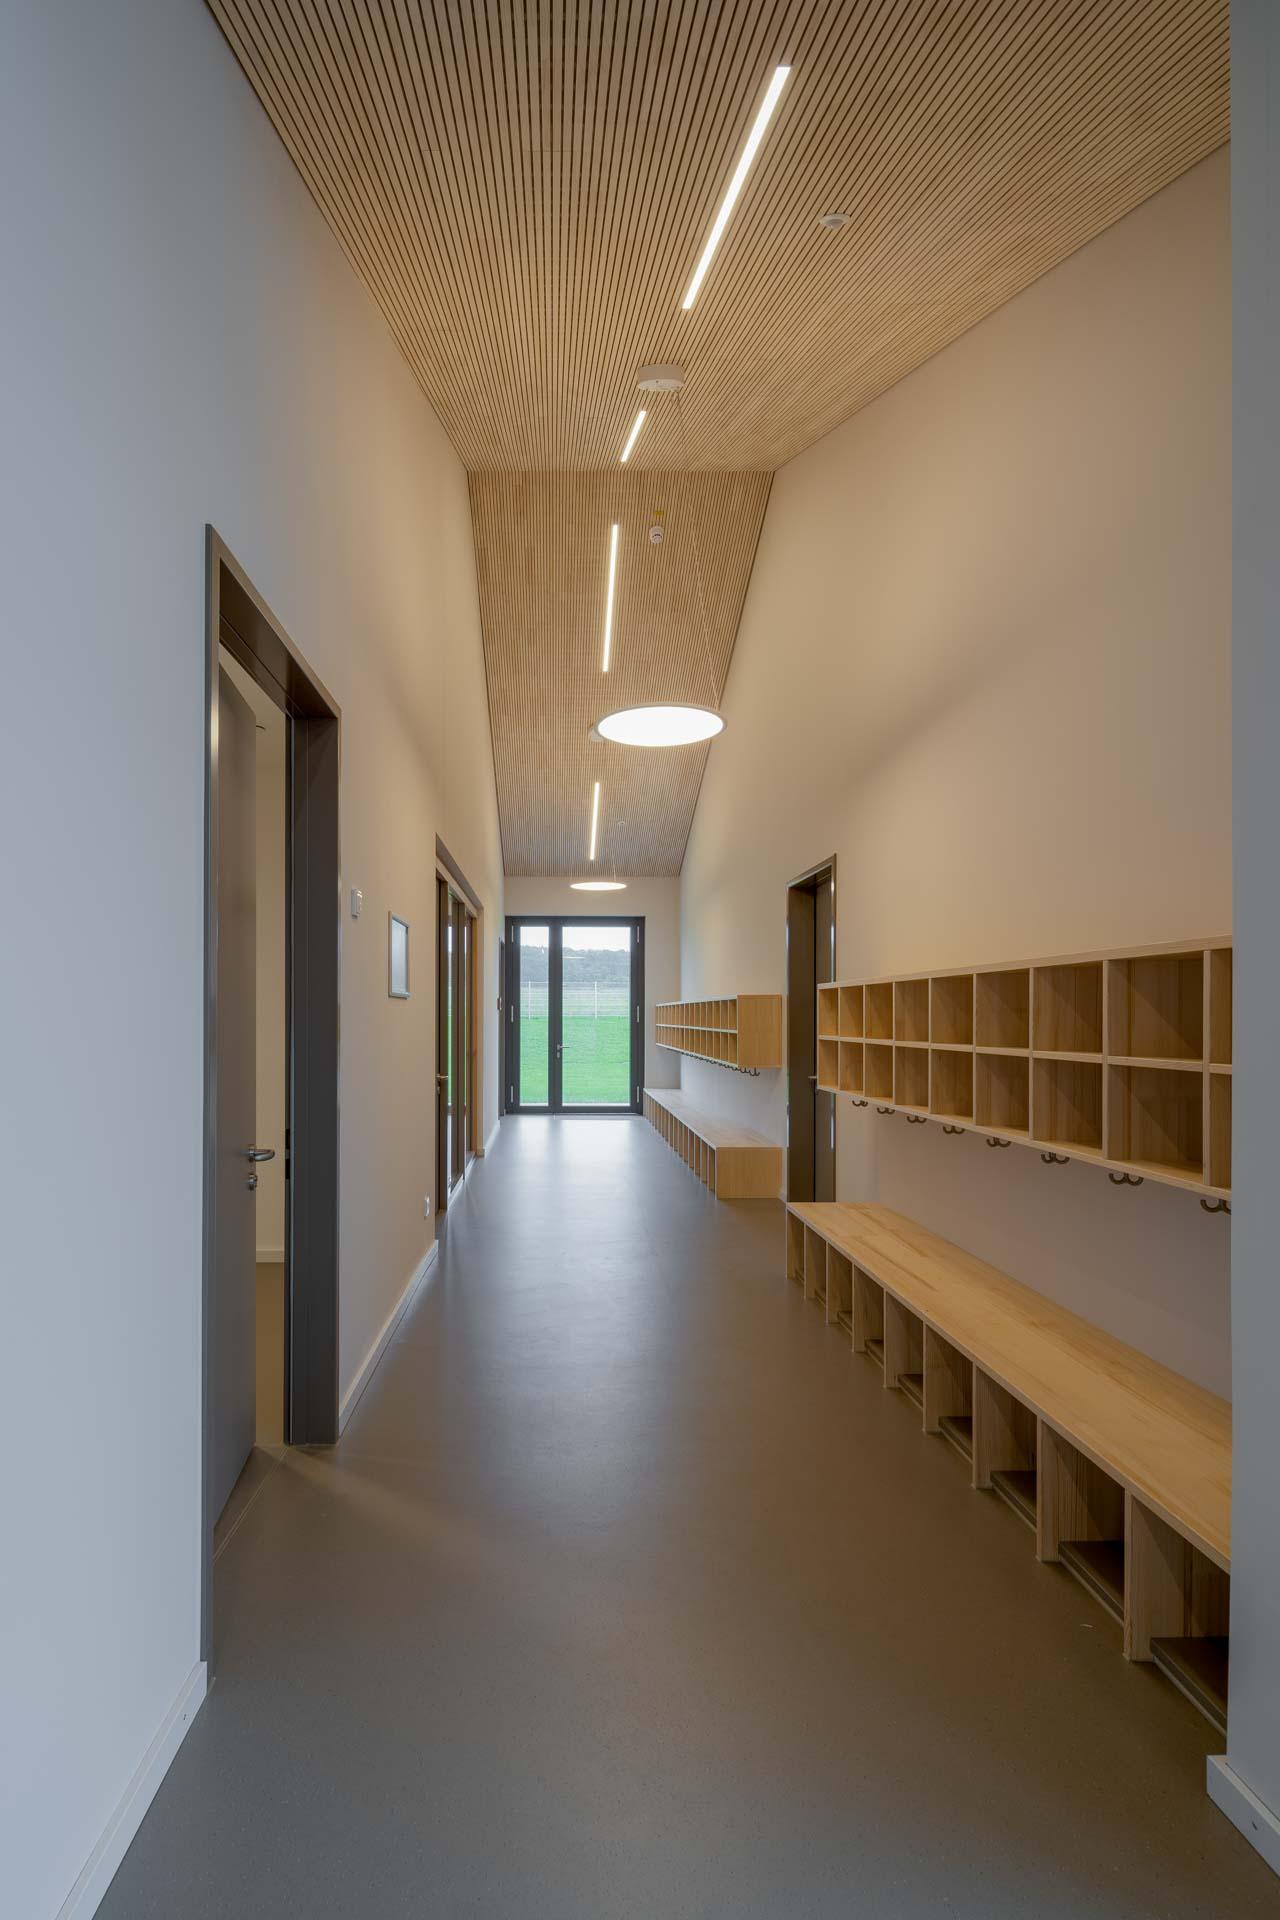 Perchting_Kinderhaus19_2k